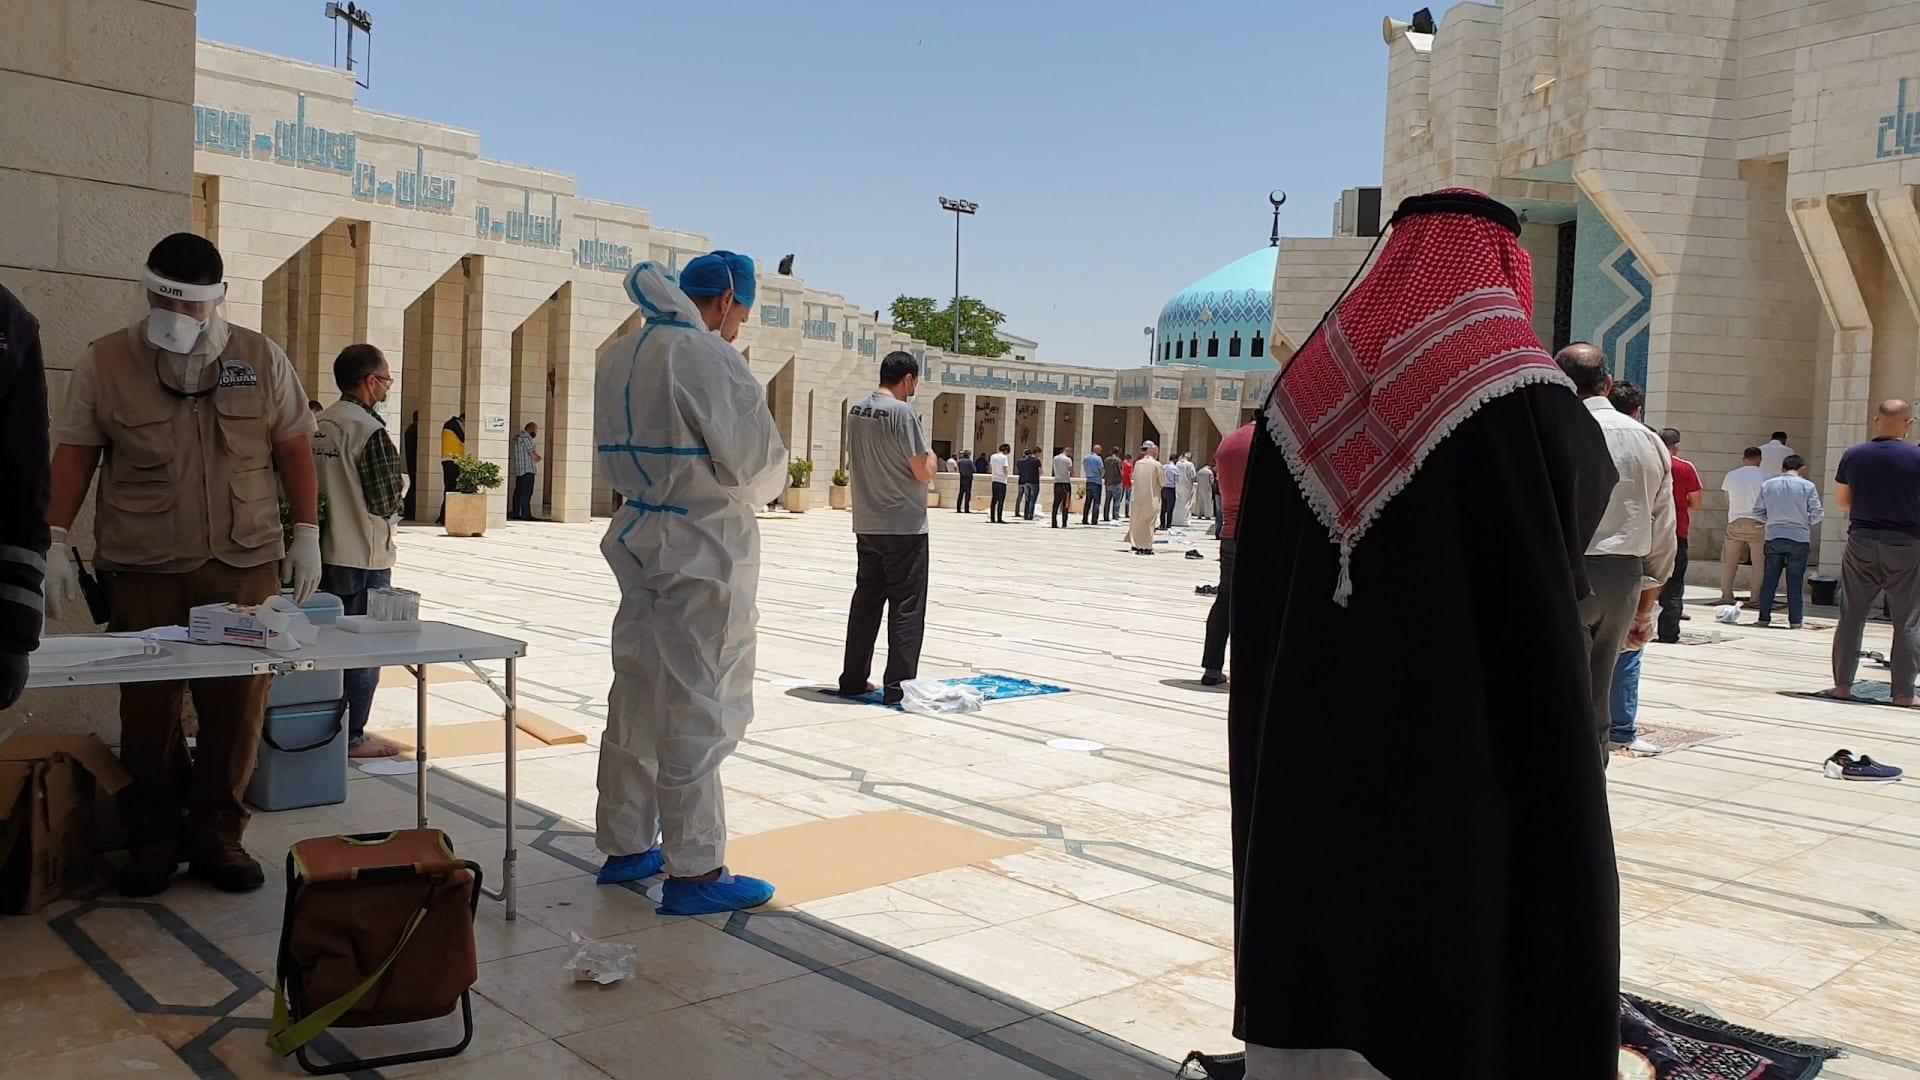 الأردنيون يودّعون آخر أيام الحظر الشامل بالعودة إلى دور العبادة